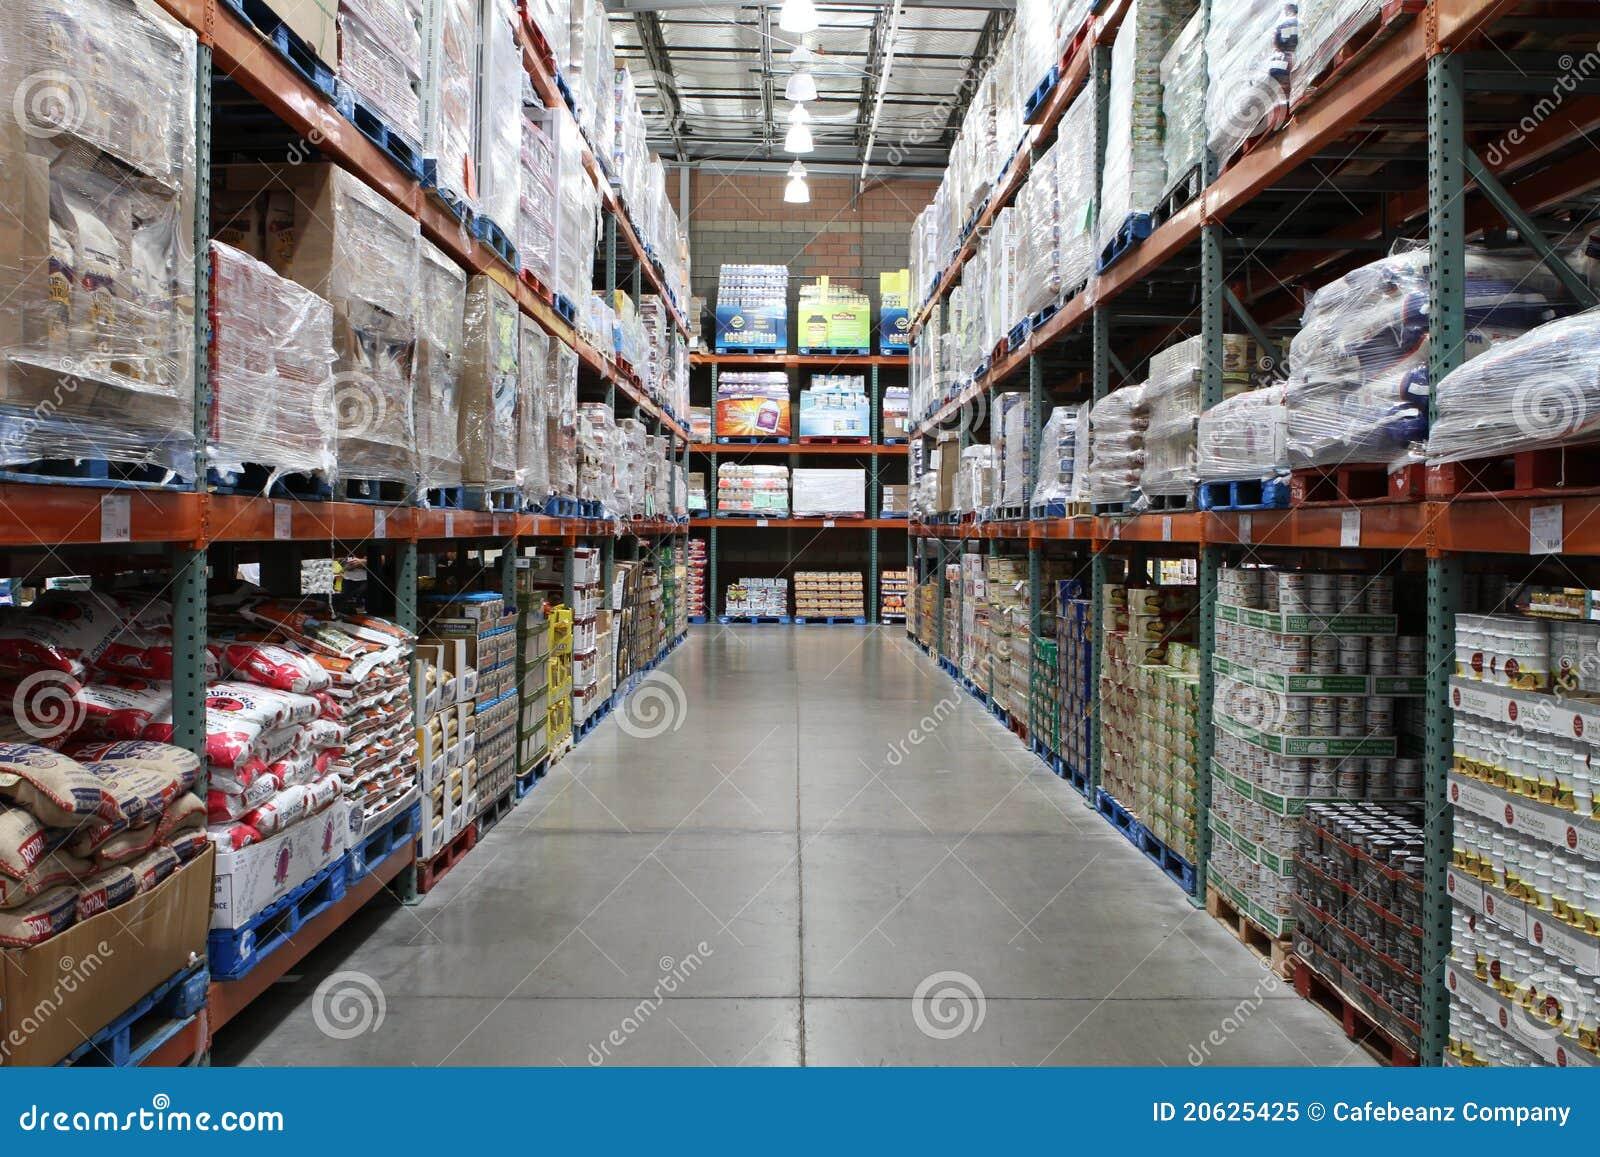 Costco Warehouse Club